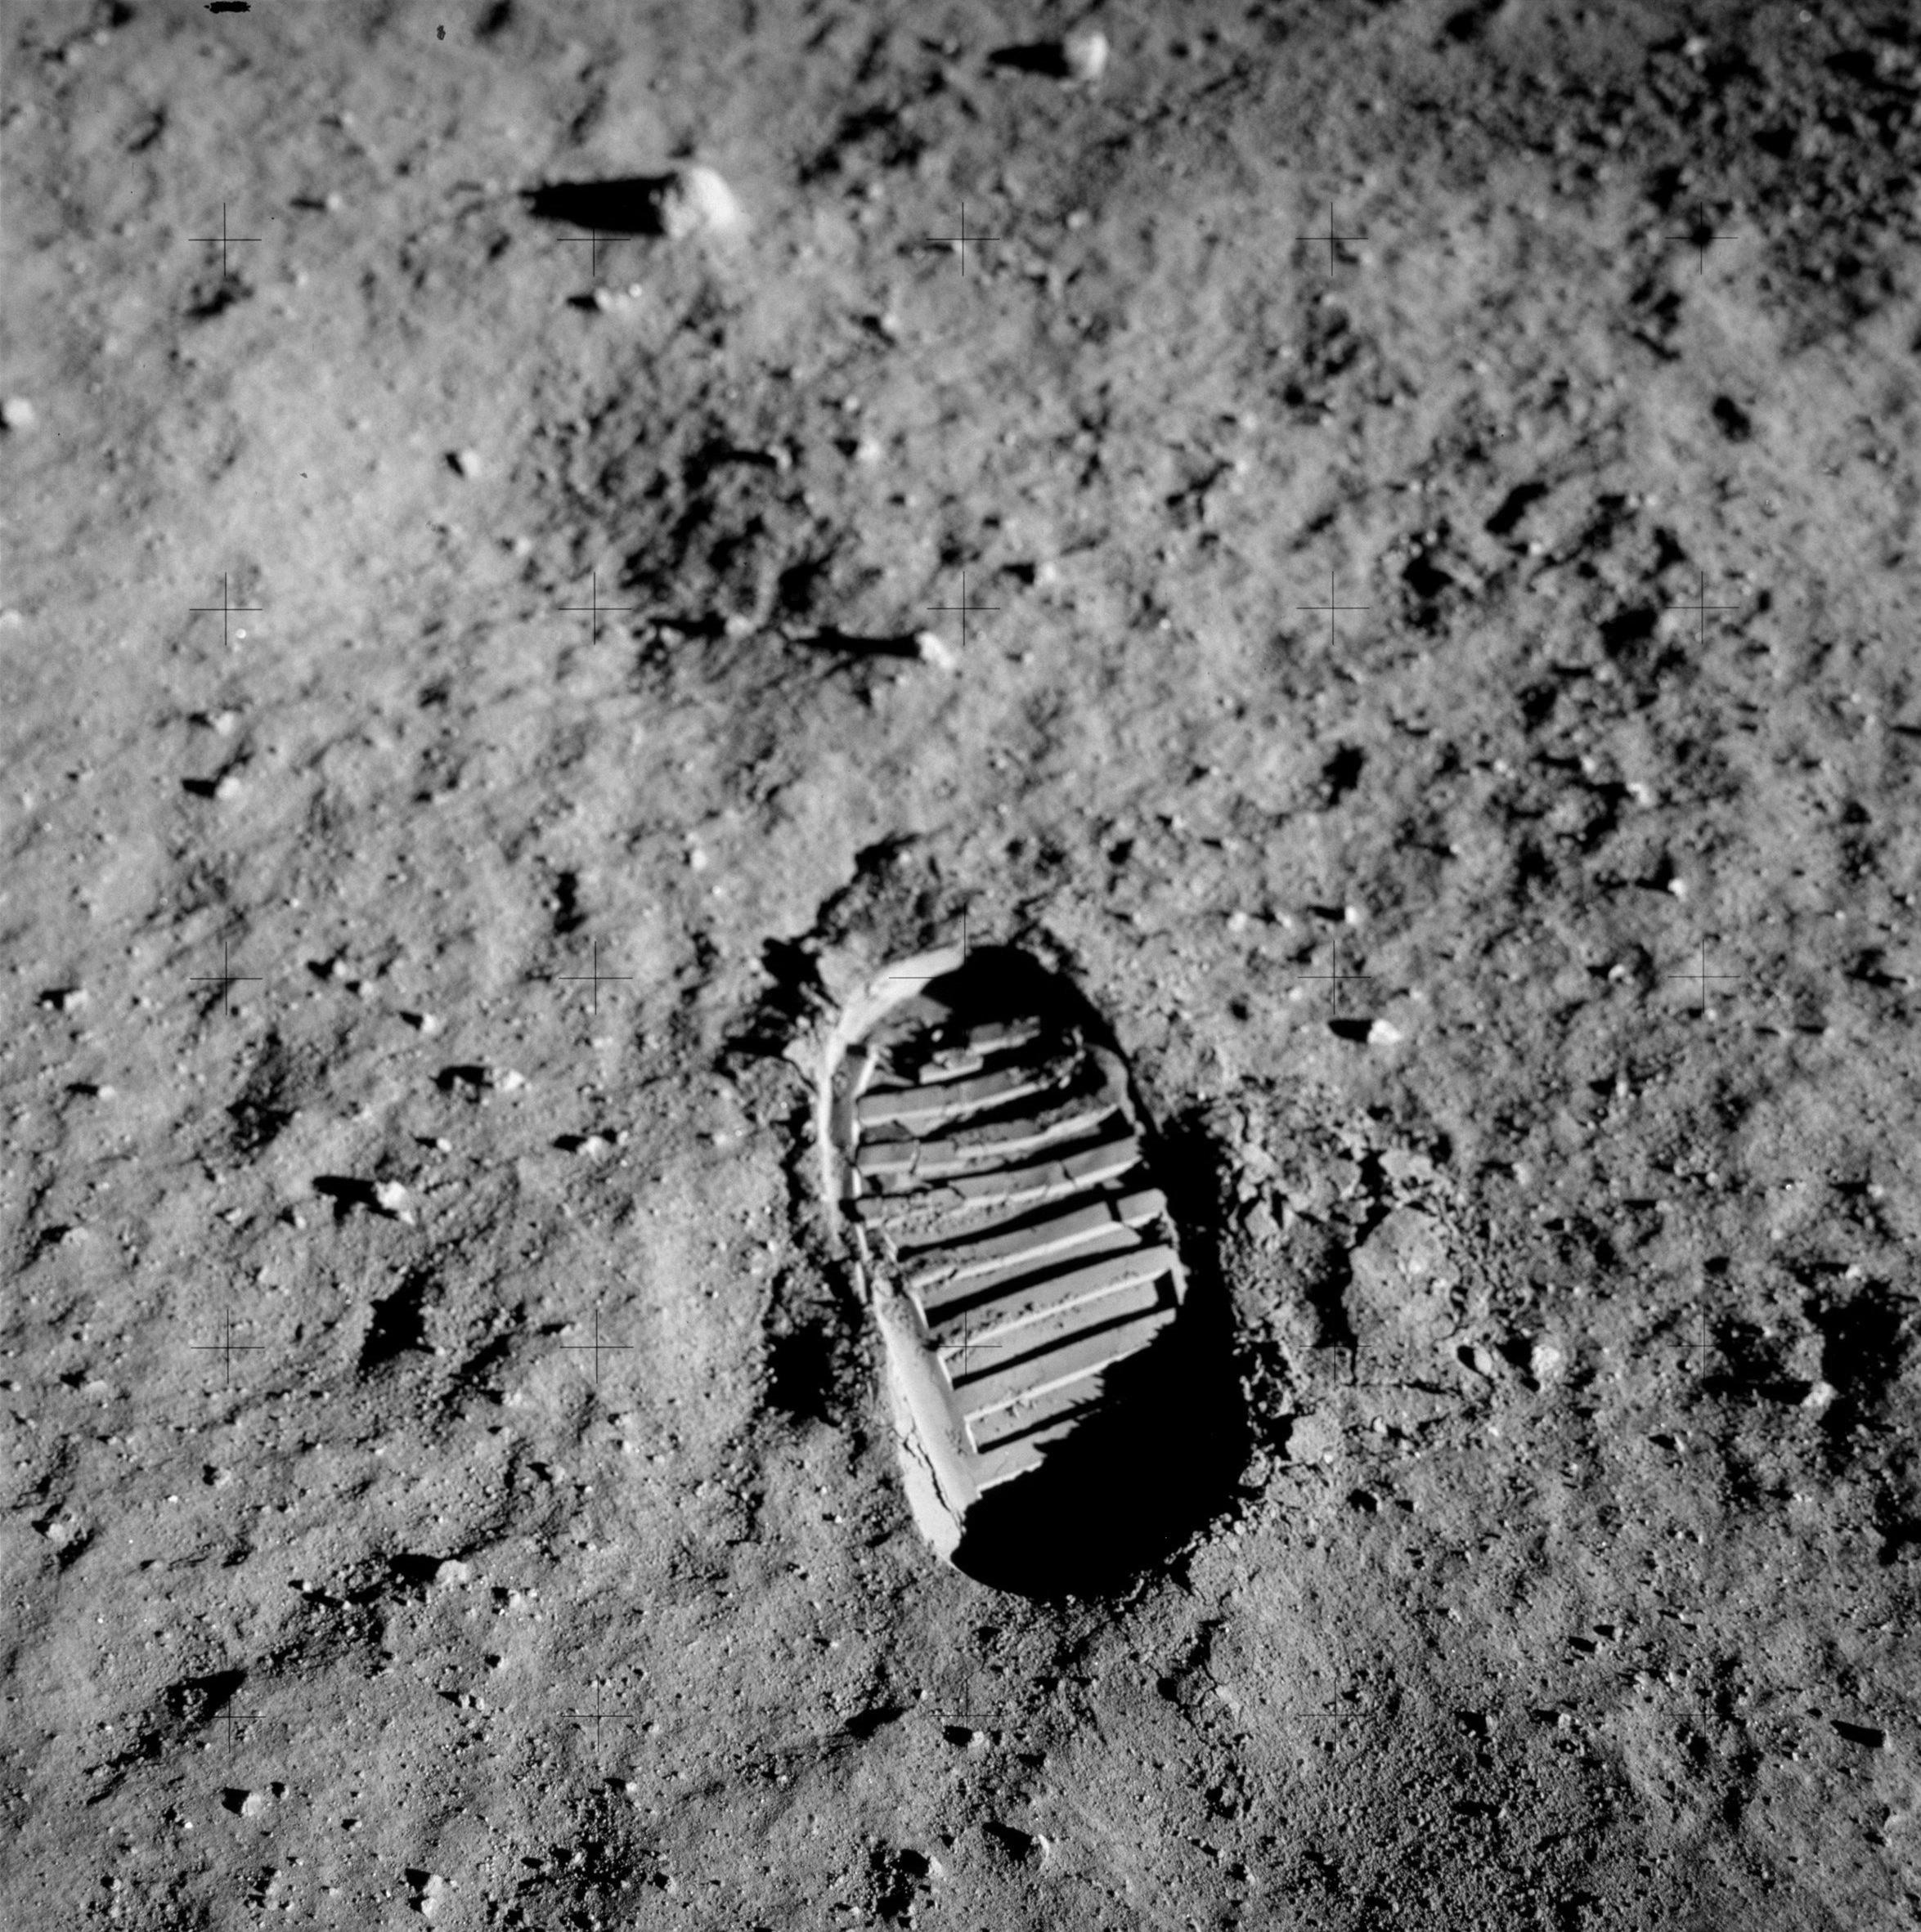 buzz aldrin footprint moon apollo 11